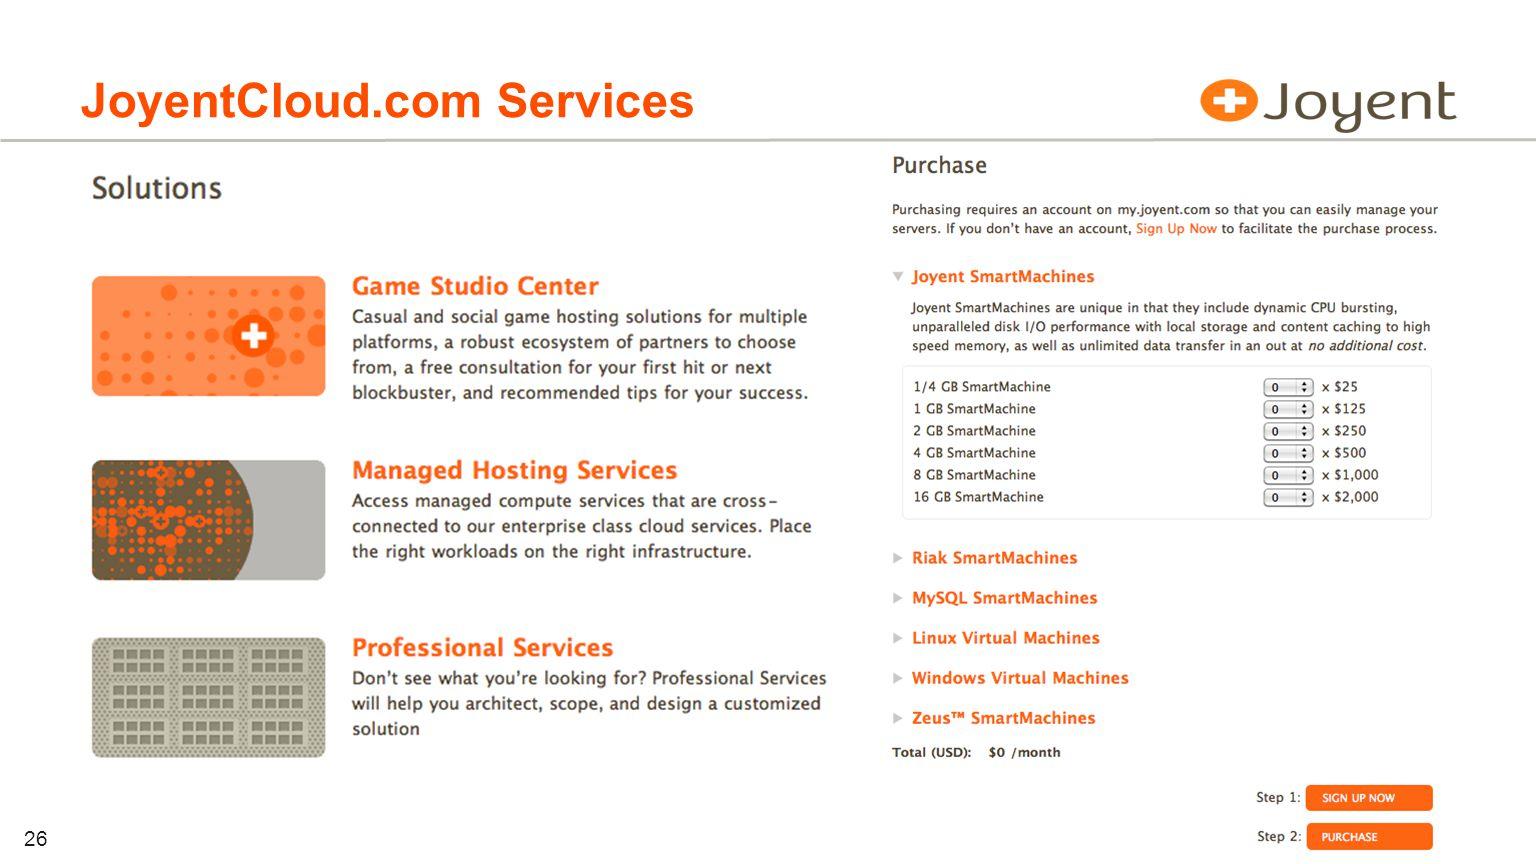 26 JoyentCloud.com Services